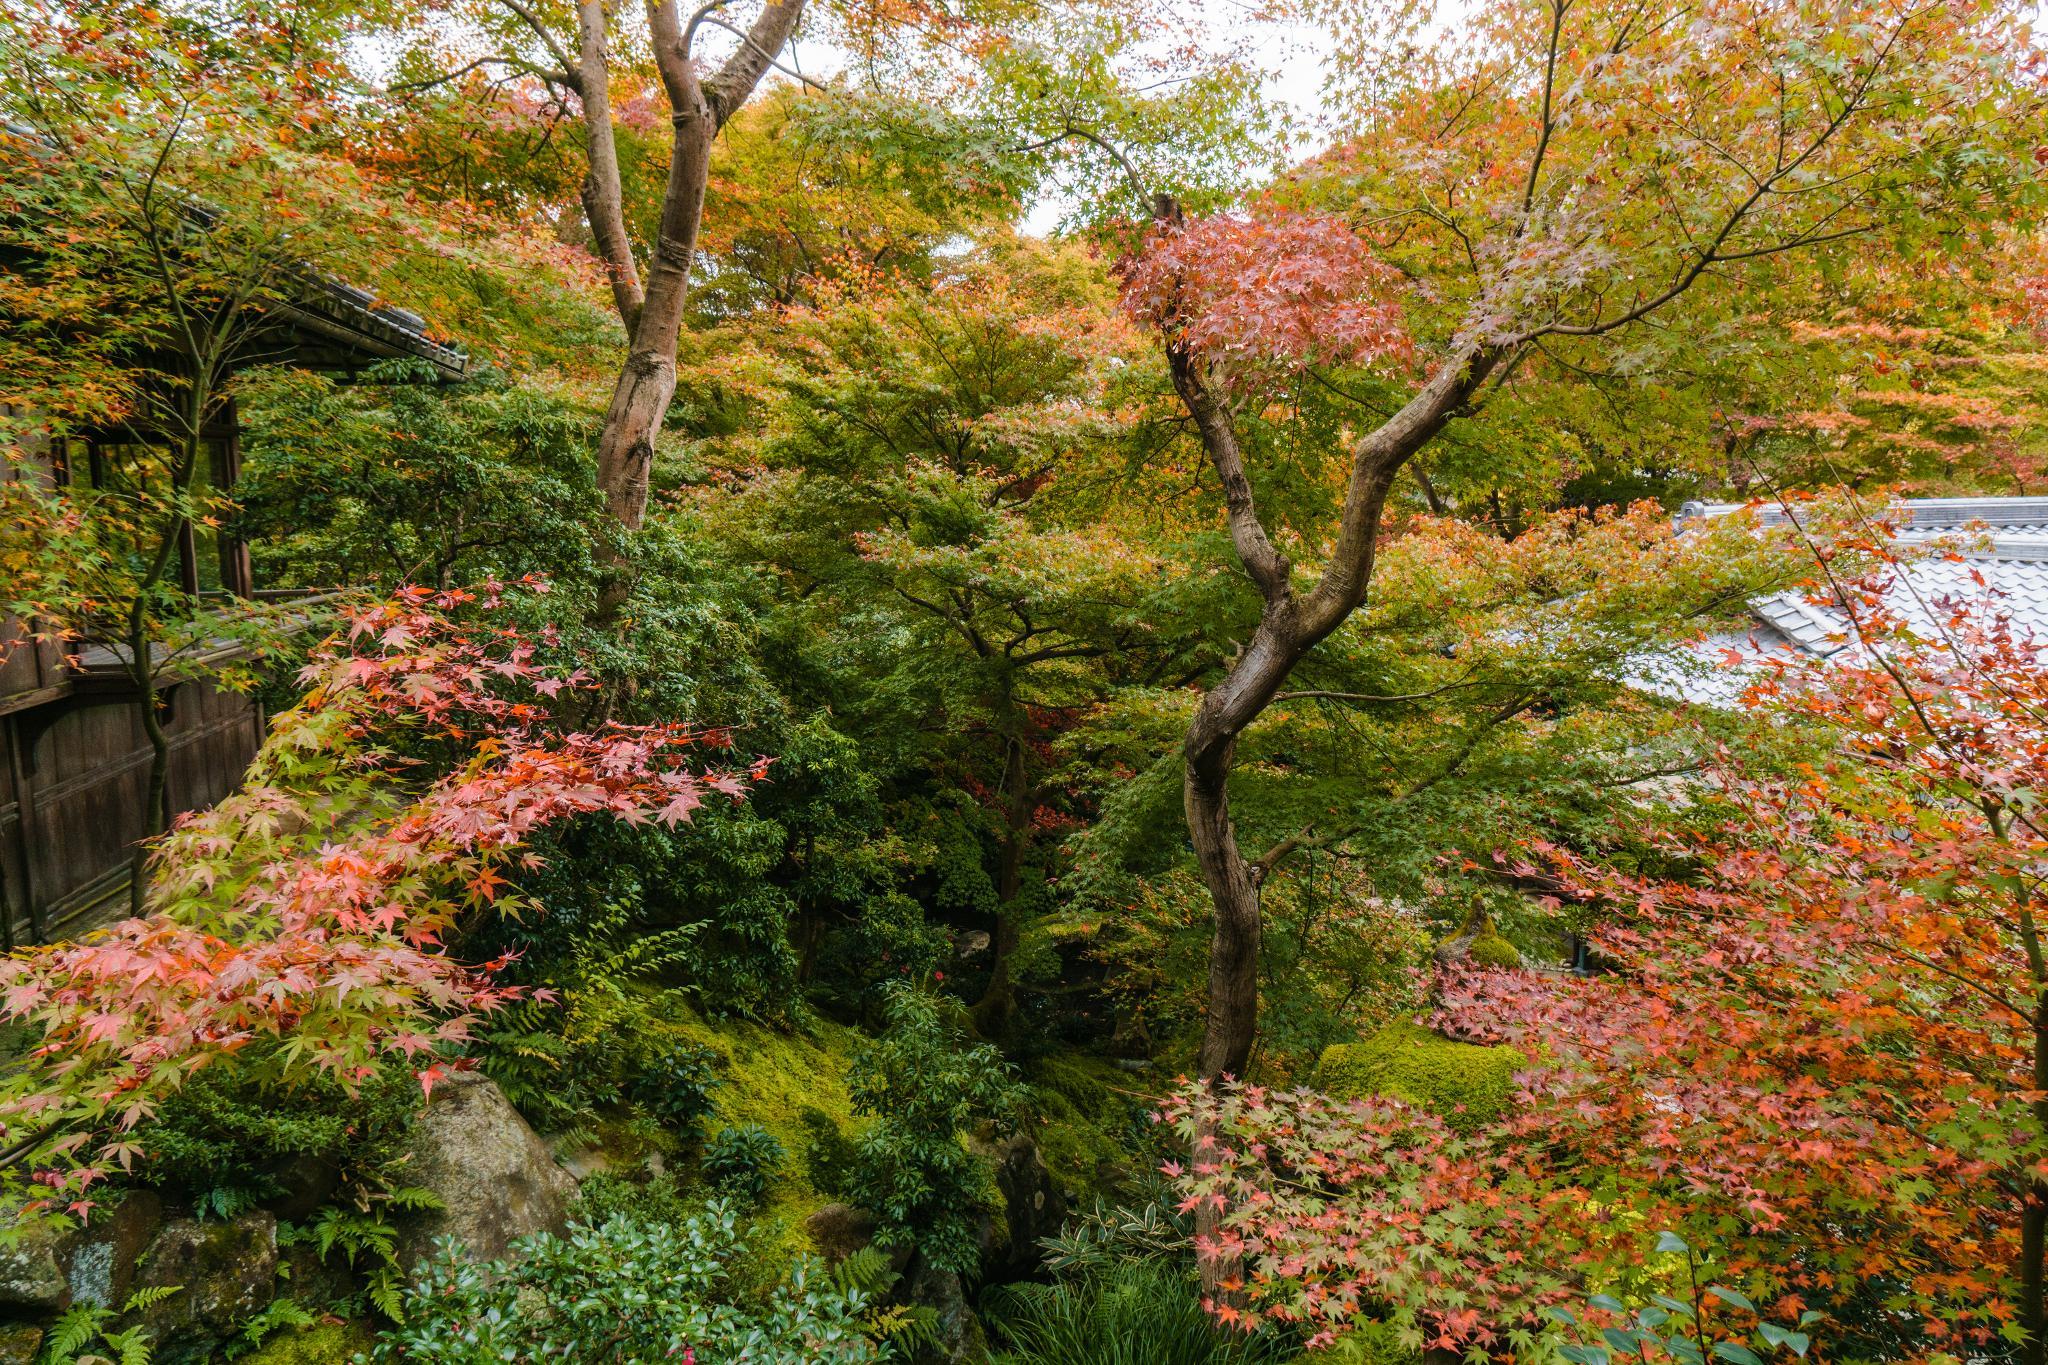 【京都】如夢似幻的琉璃光影 - 八瀨琉璃光院 95